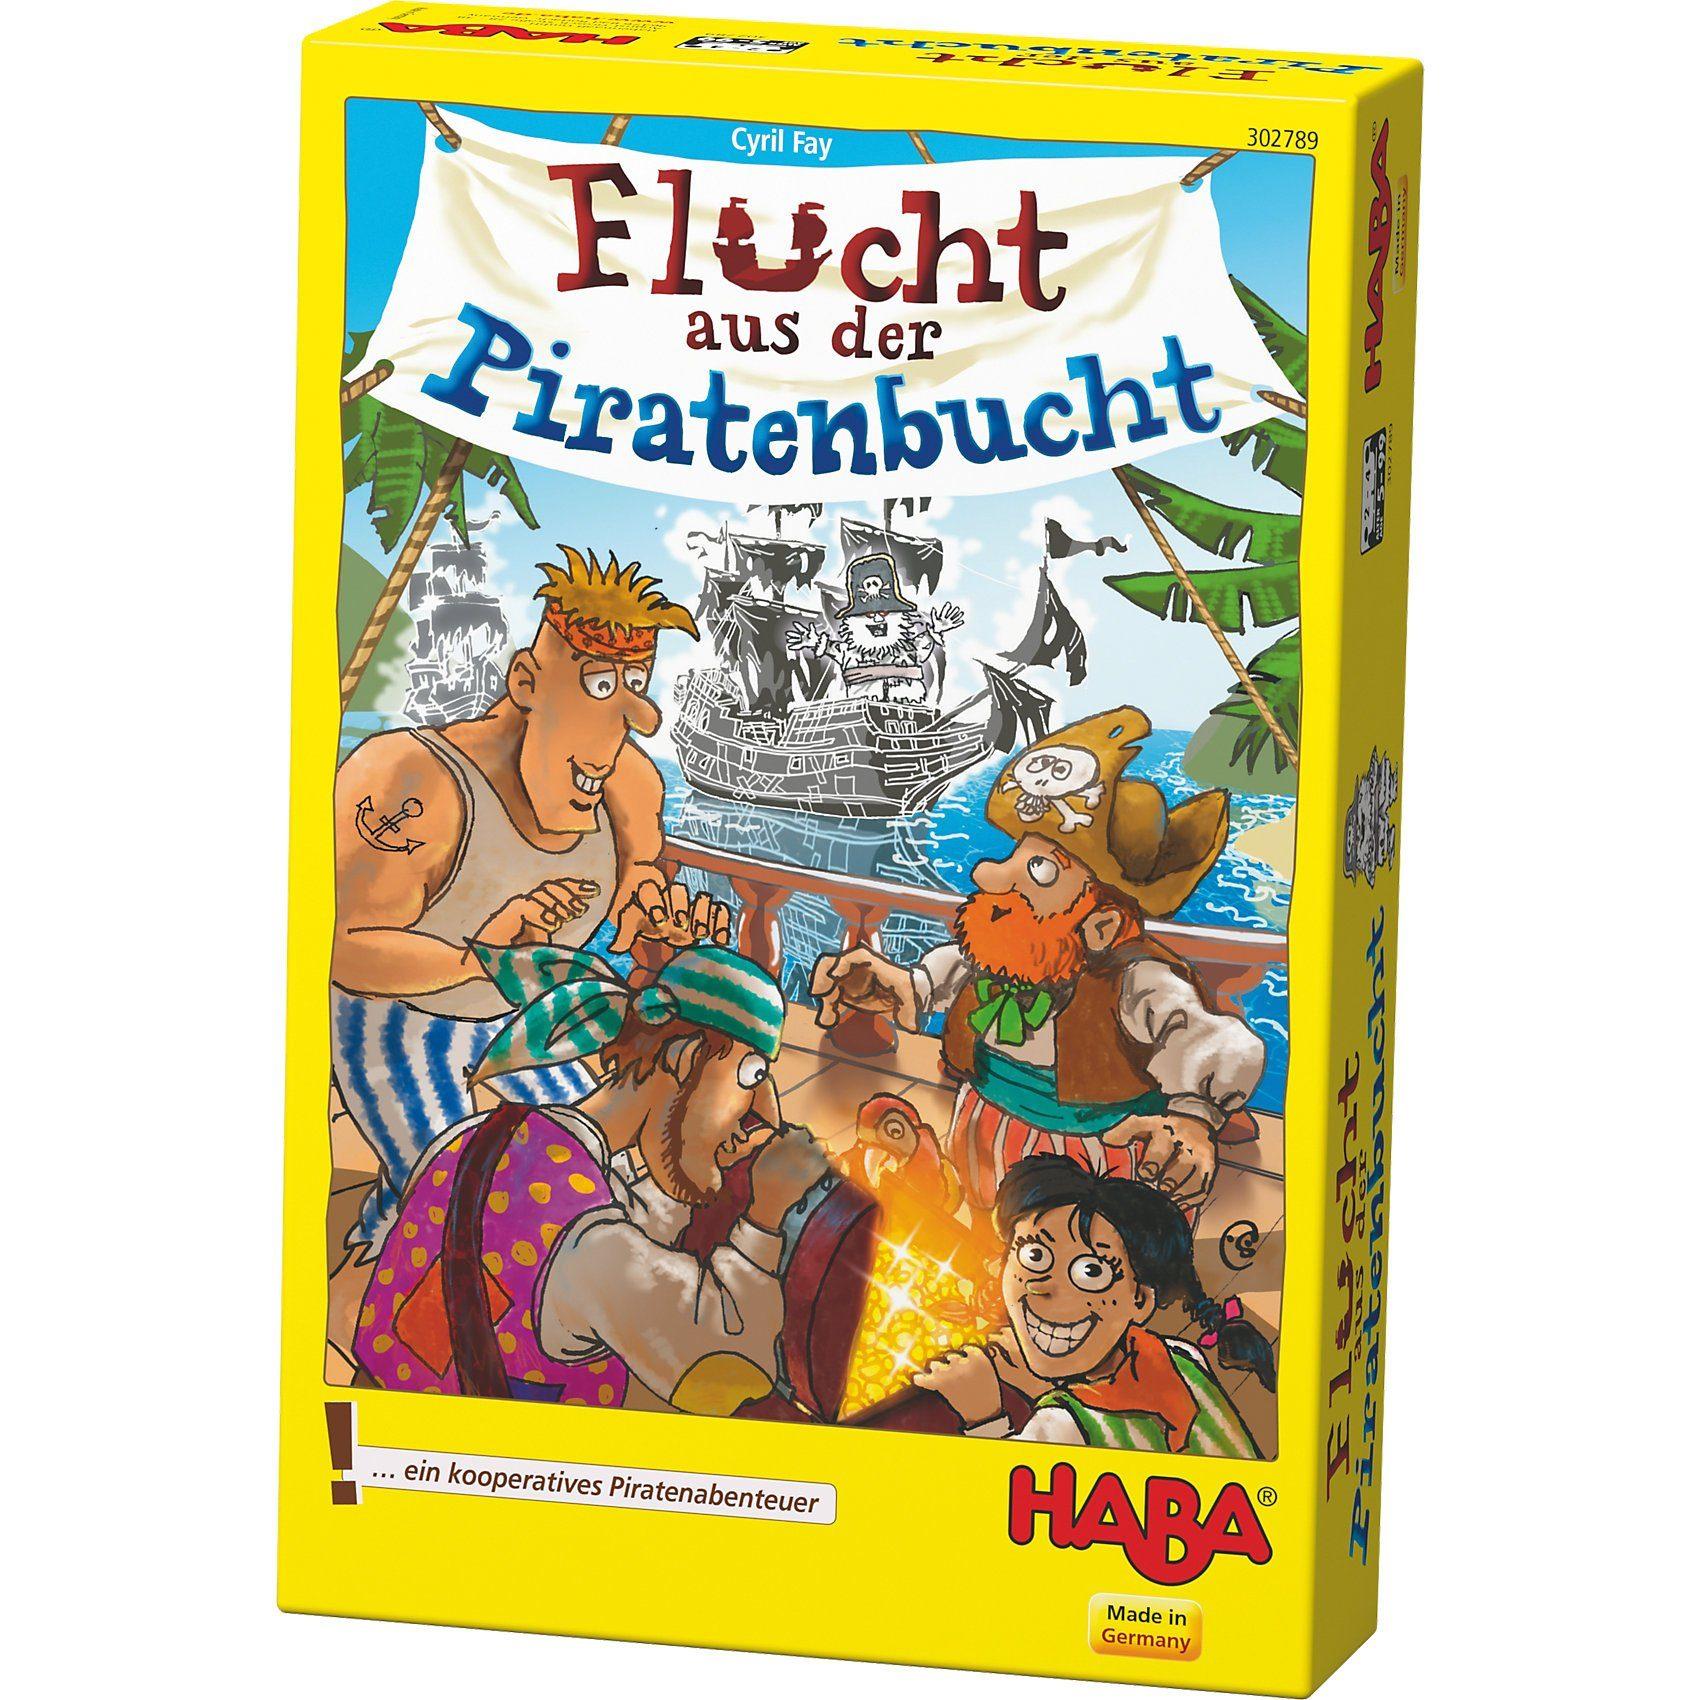 Haba Flucht aus der Piratenbucht